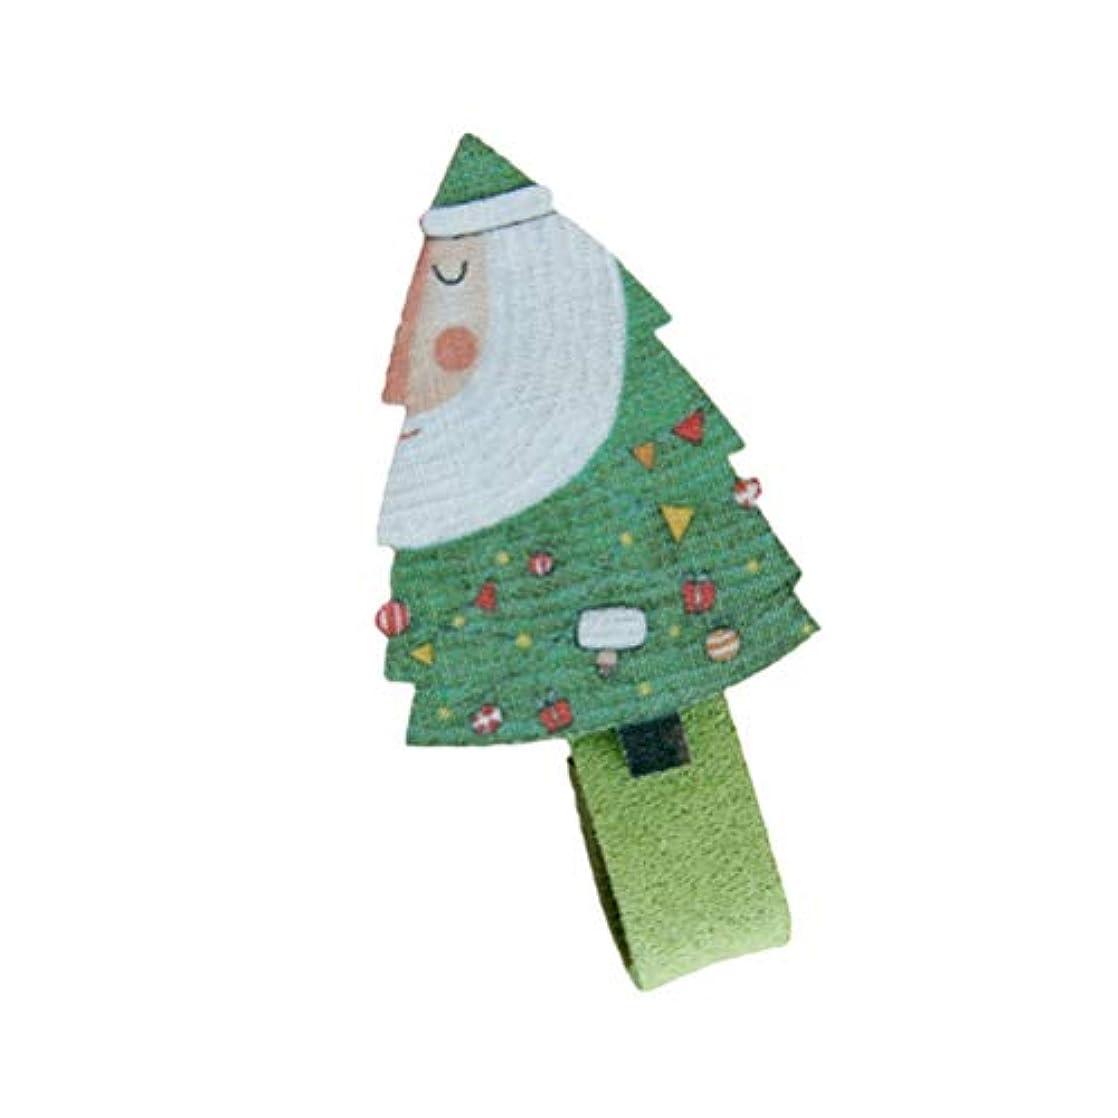 最終動物踊り子Lurrose 女の子の十代の若者たちのためのキッズヘアクリップバレットクリスマスヘアピン